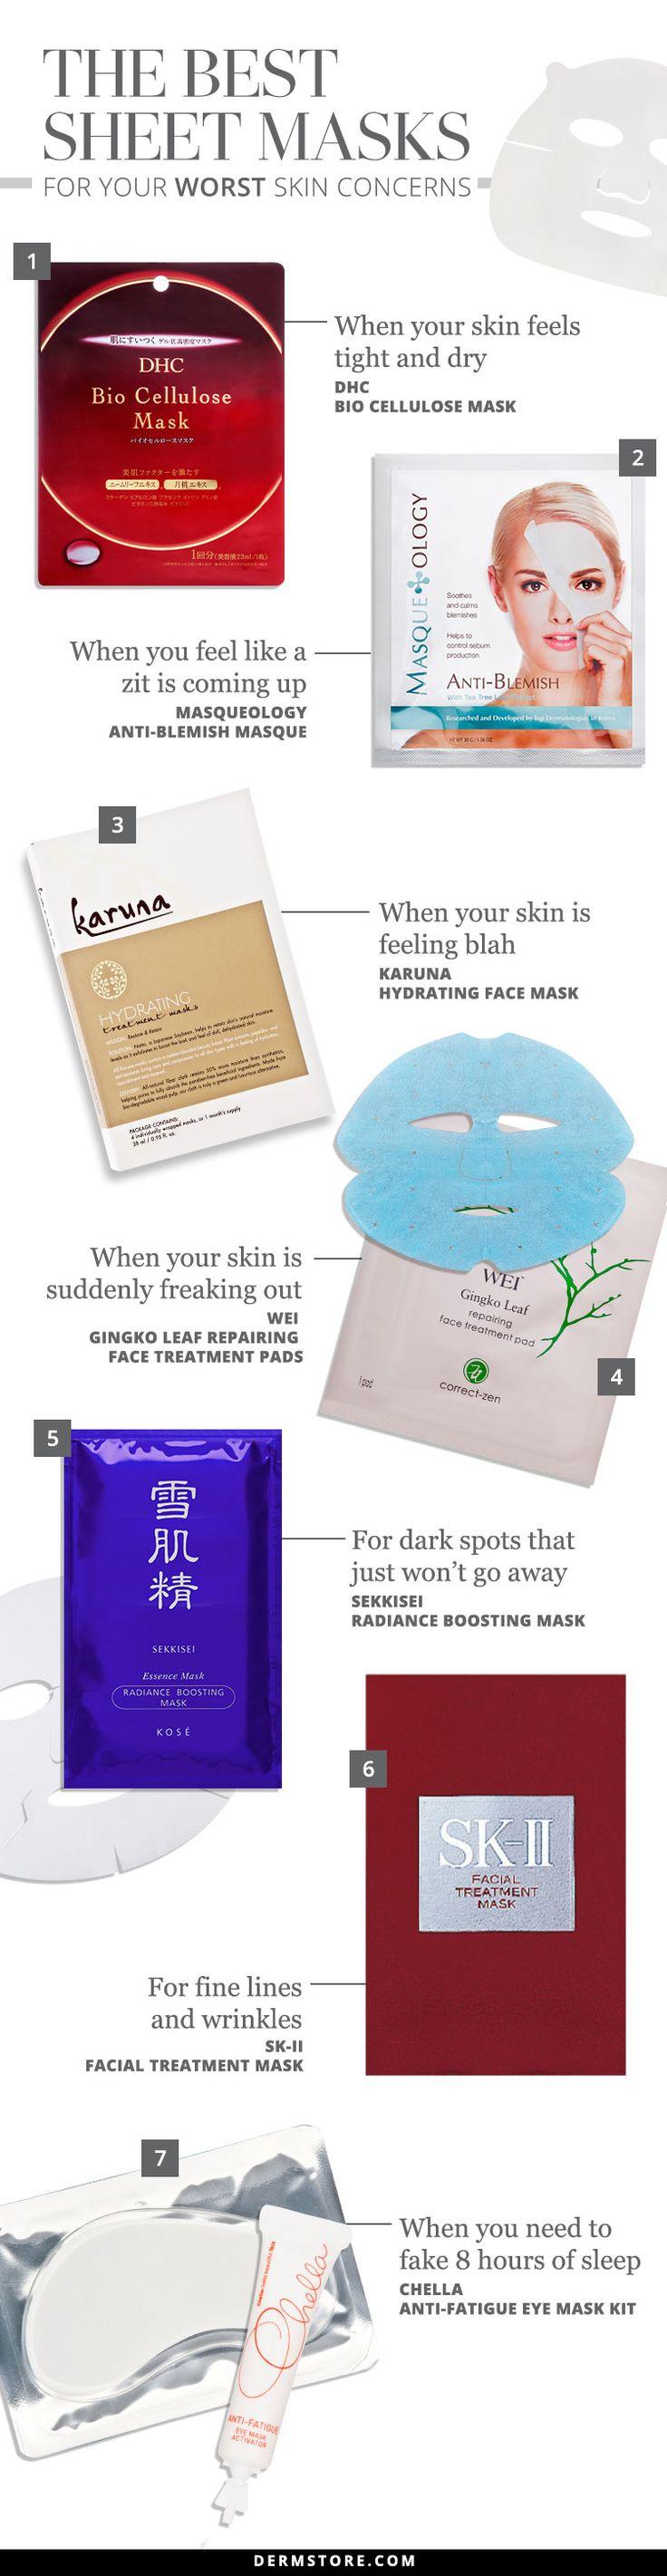 The Best Sheet Masks for Your Worst Skin Concerns